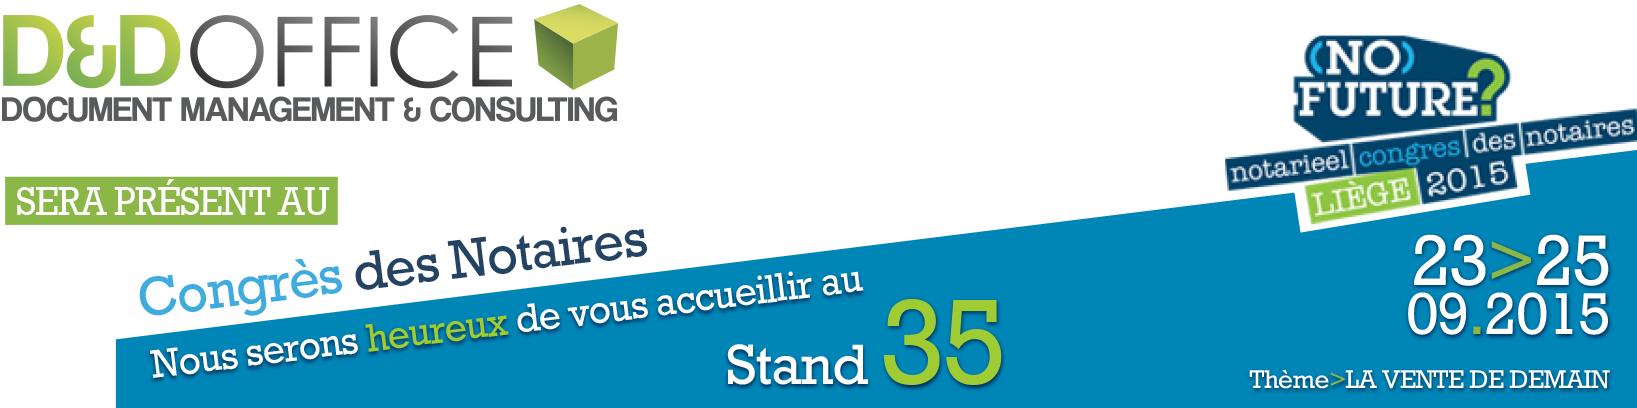 D&D Office sera présent au stand 35 du Congrès des Notaires du 23 au 25 septembre 2015 à Liège